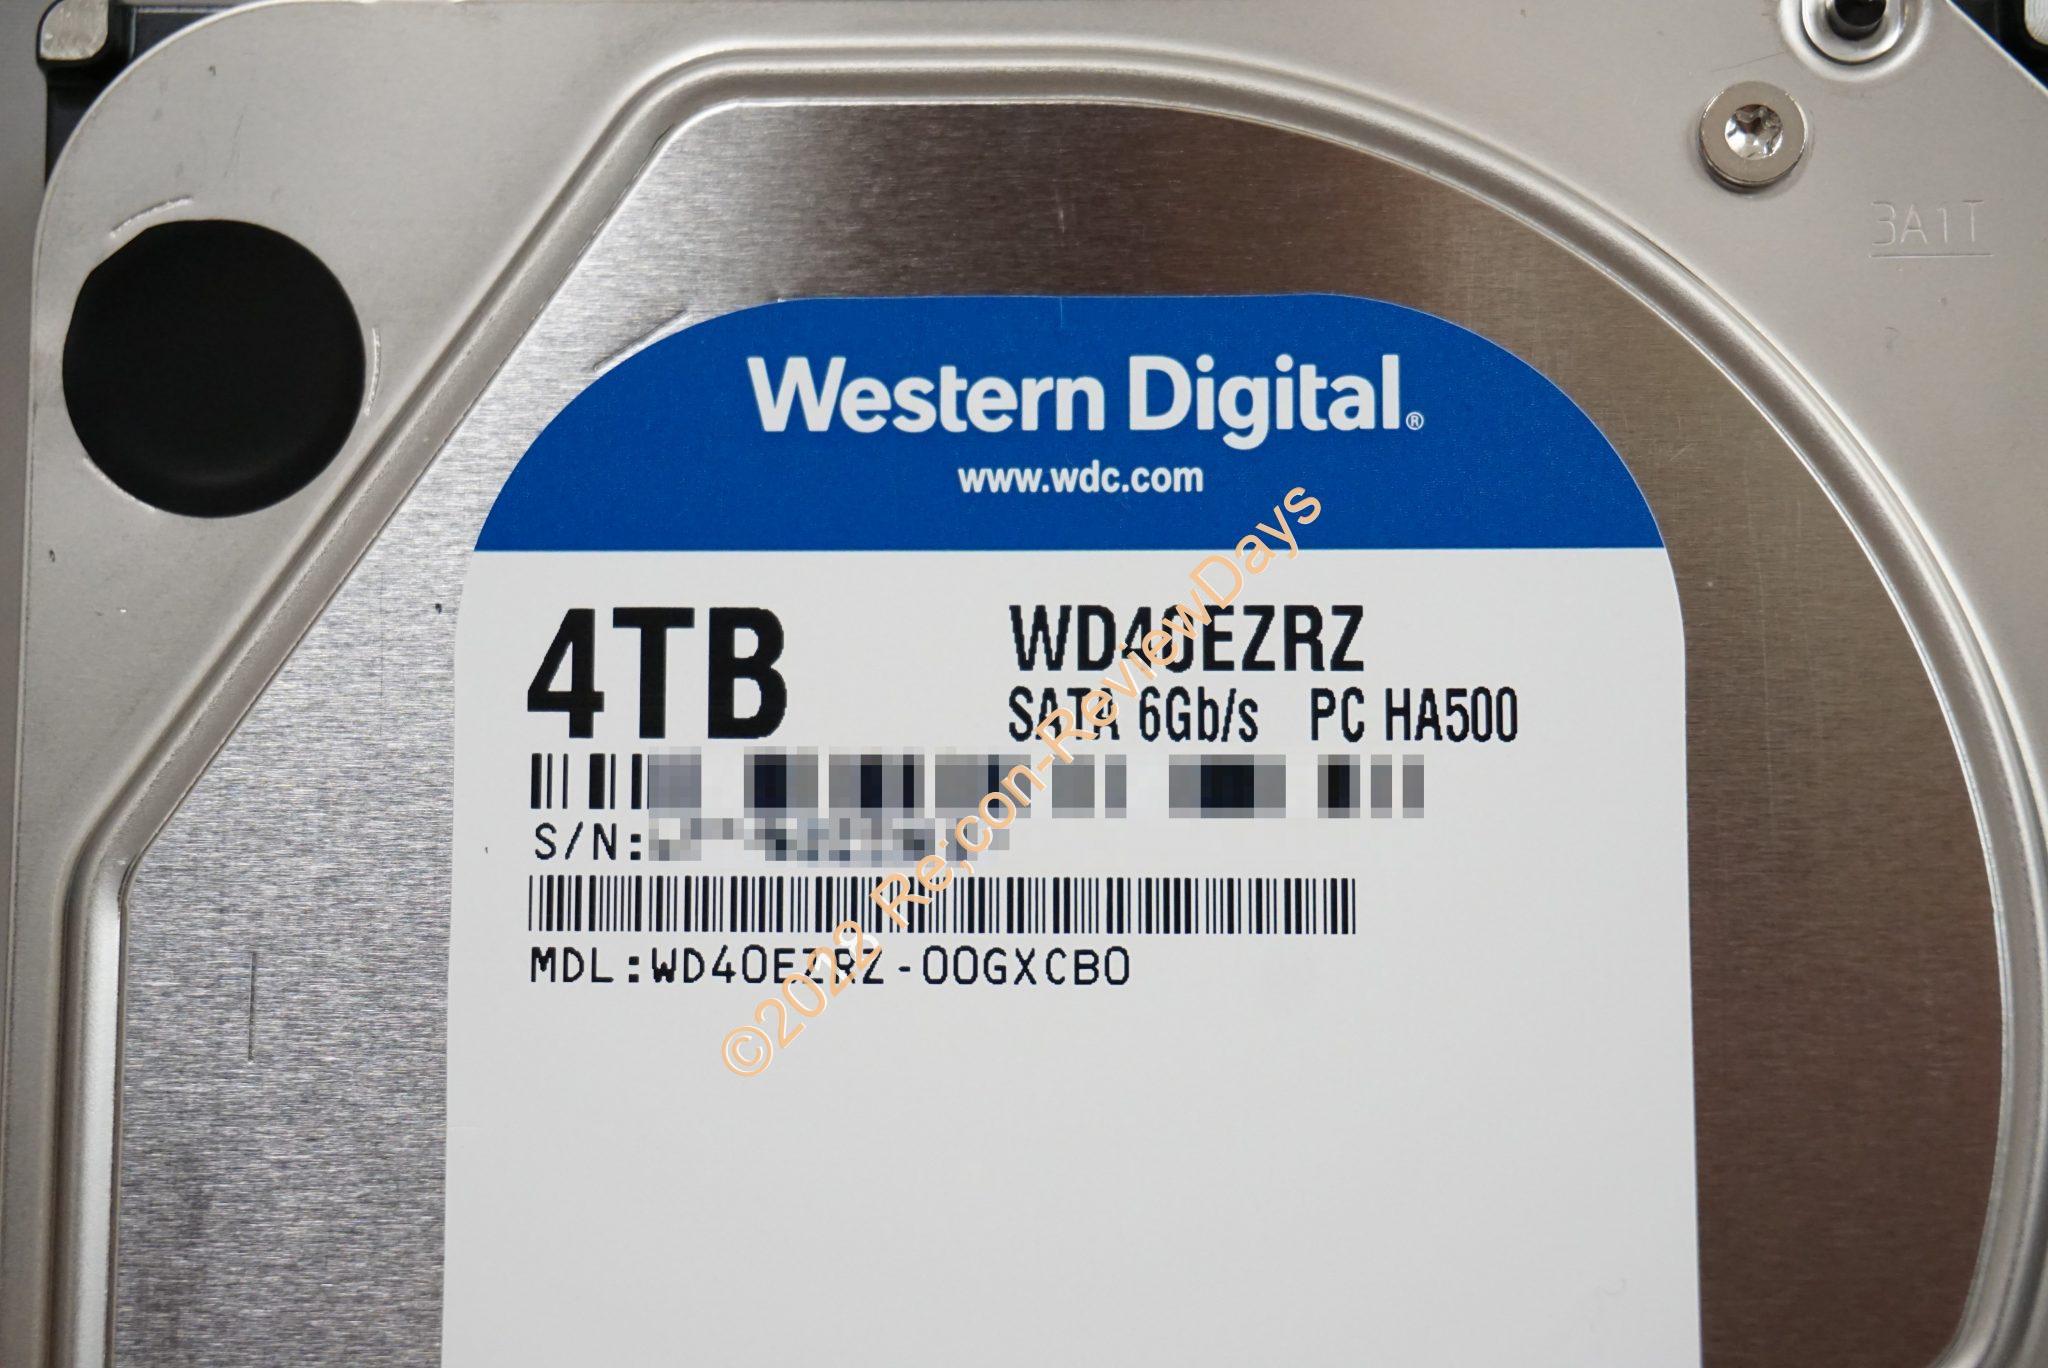 Western Digital 4TB HDD WD40EZRZ-00GXCB0(WD40EZRZ-RT2)のパフォーマンスをチェックする #HDD #WesternDigital